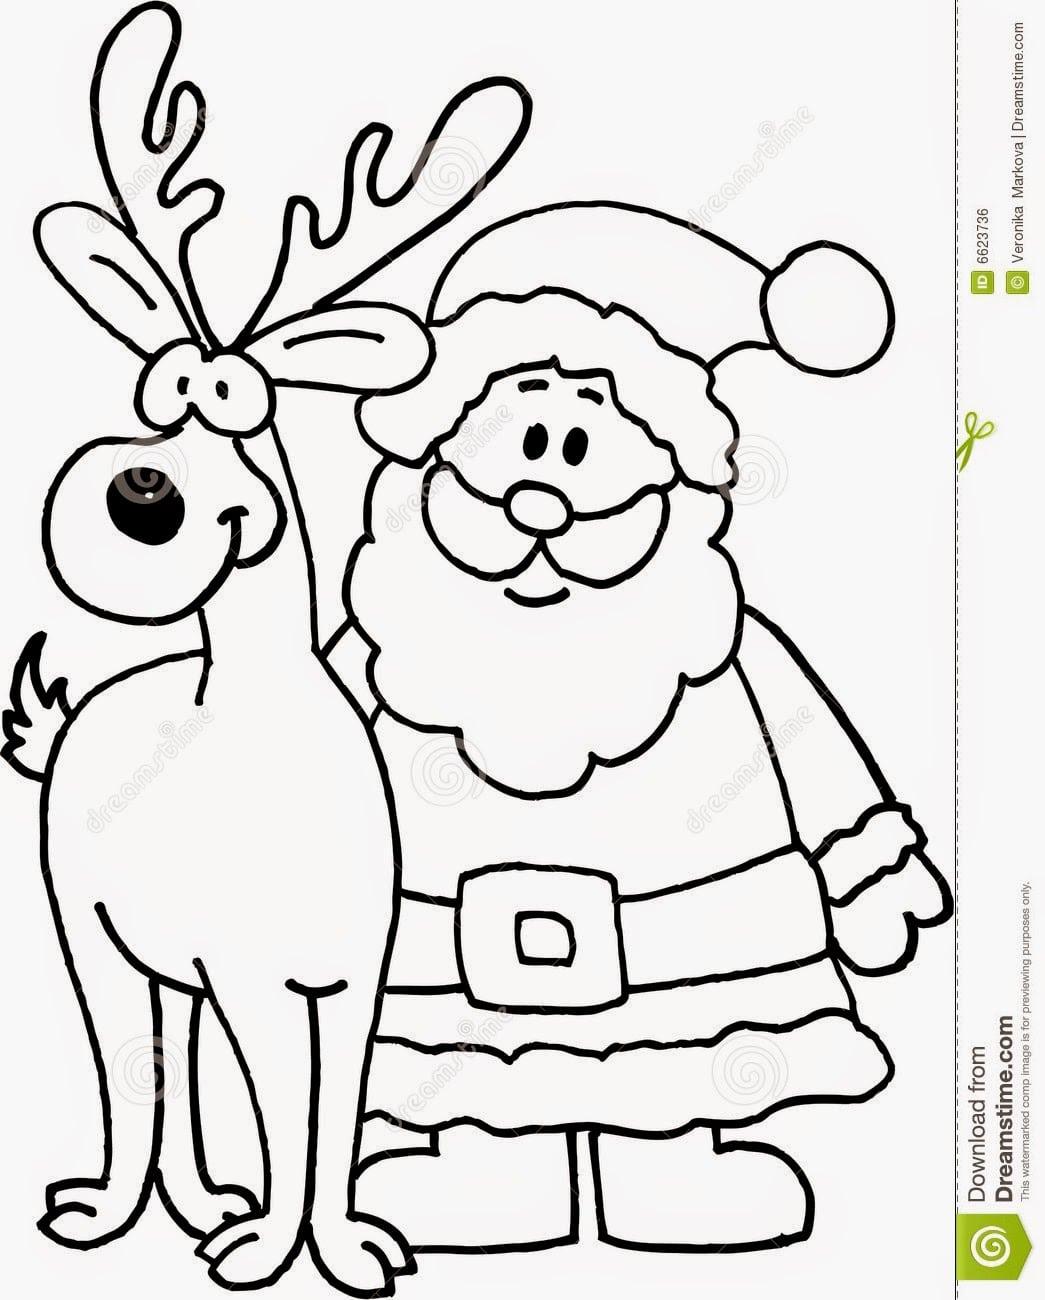 Imagens Para Colorir Papai Noel – Pampekids Net